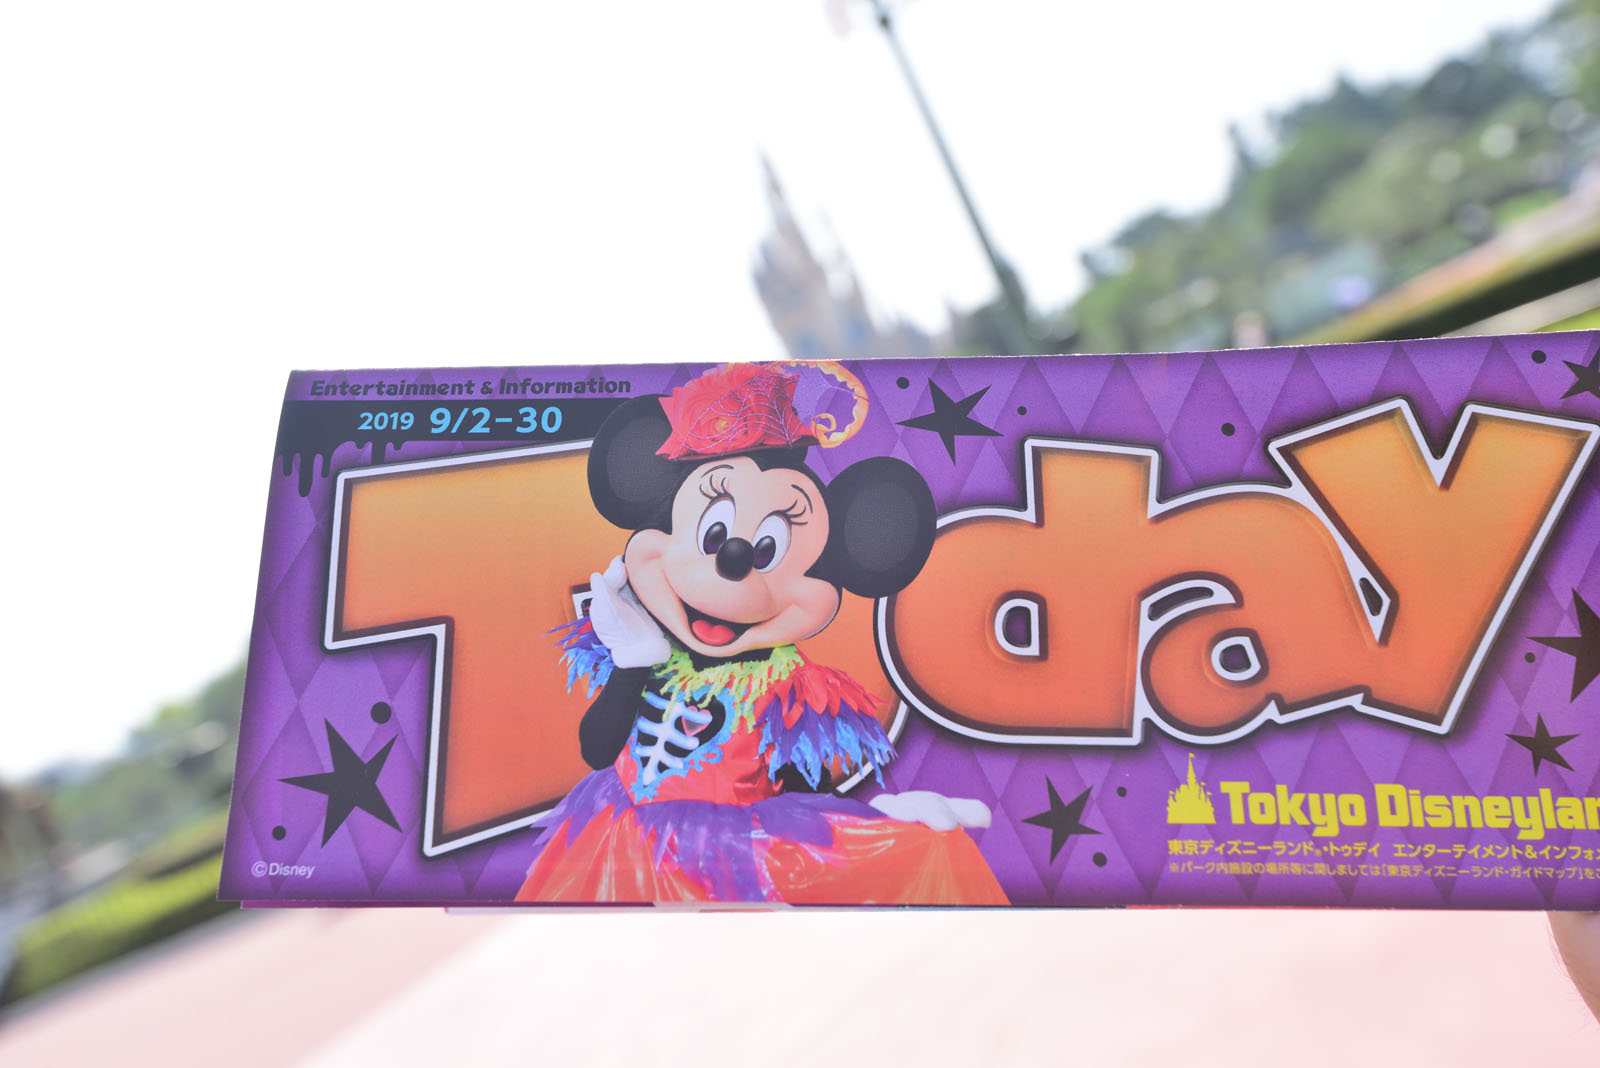 東京ディズニーランド Today 2019年9月2日~9月30日 ディズニー・ハロウィーン2019 ミニー